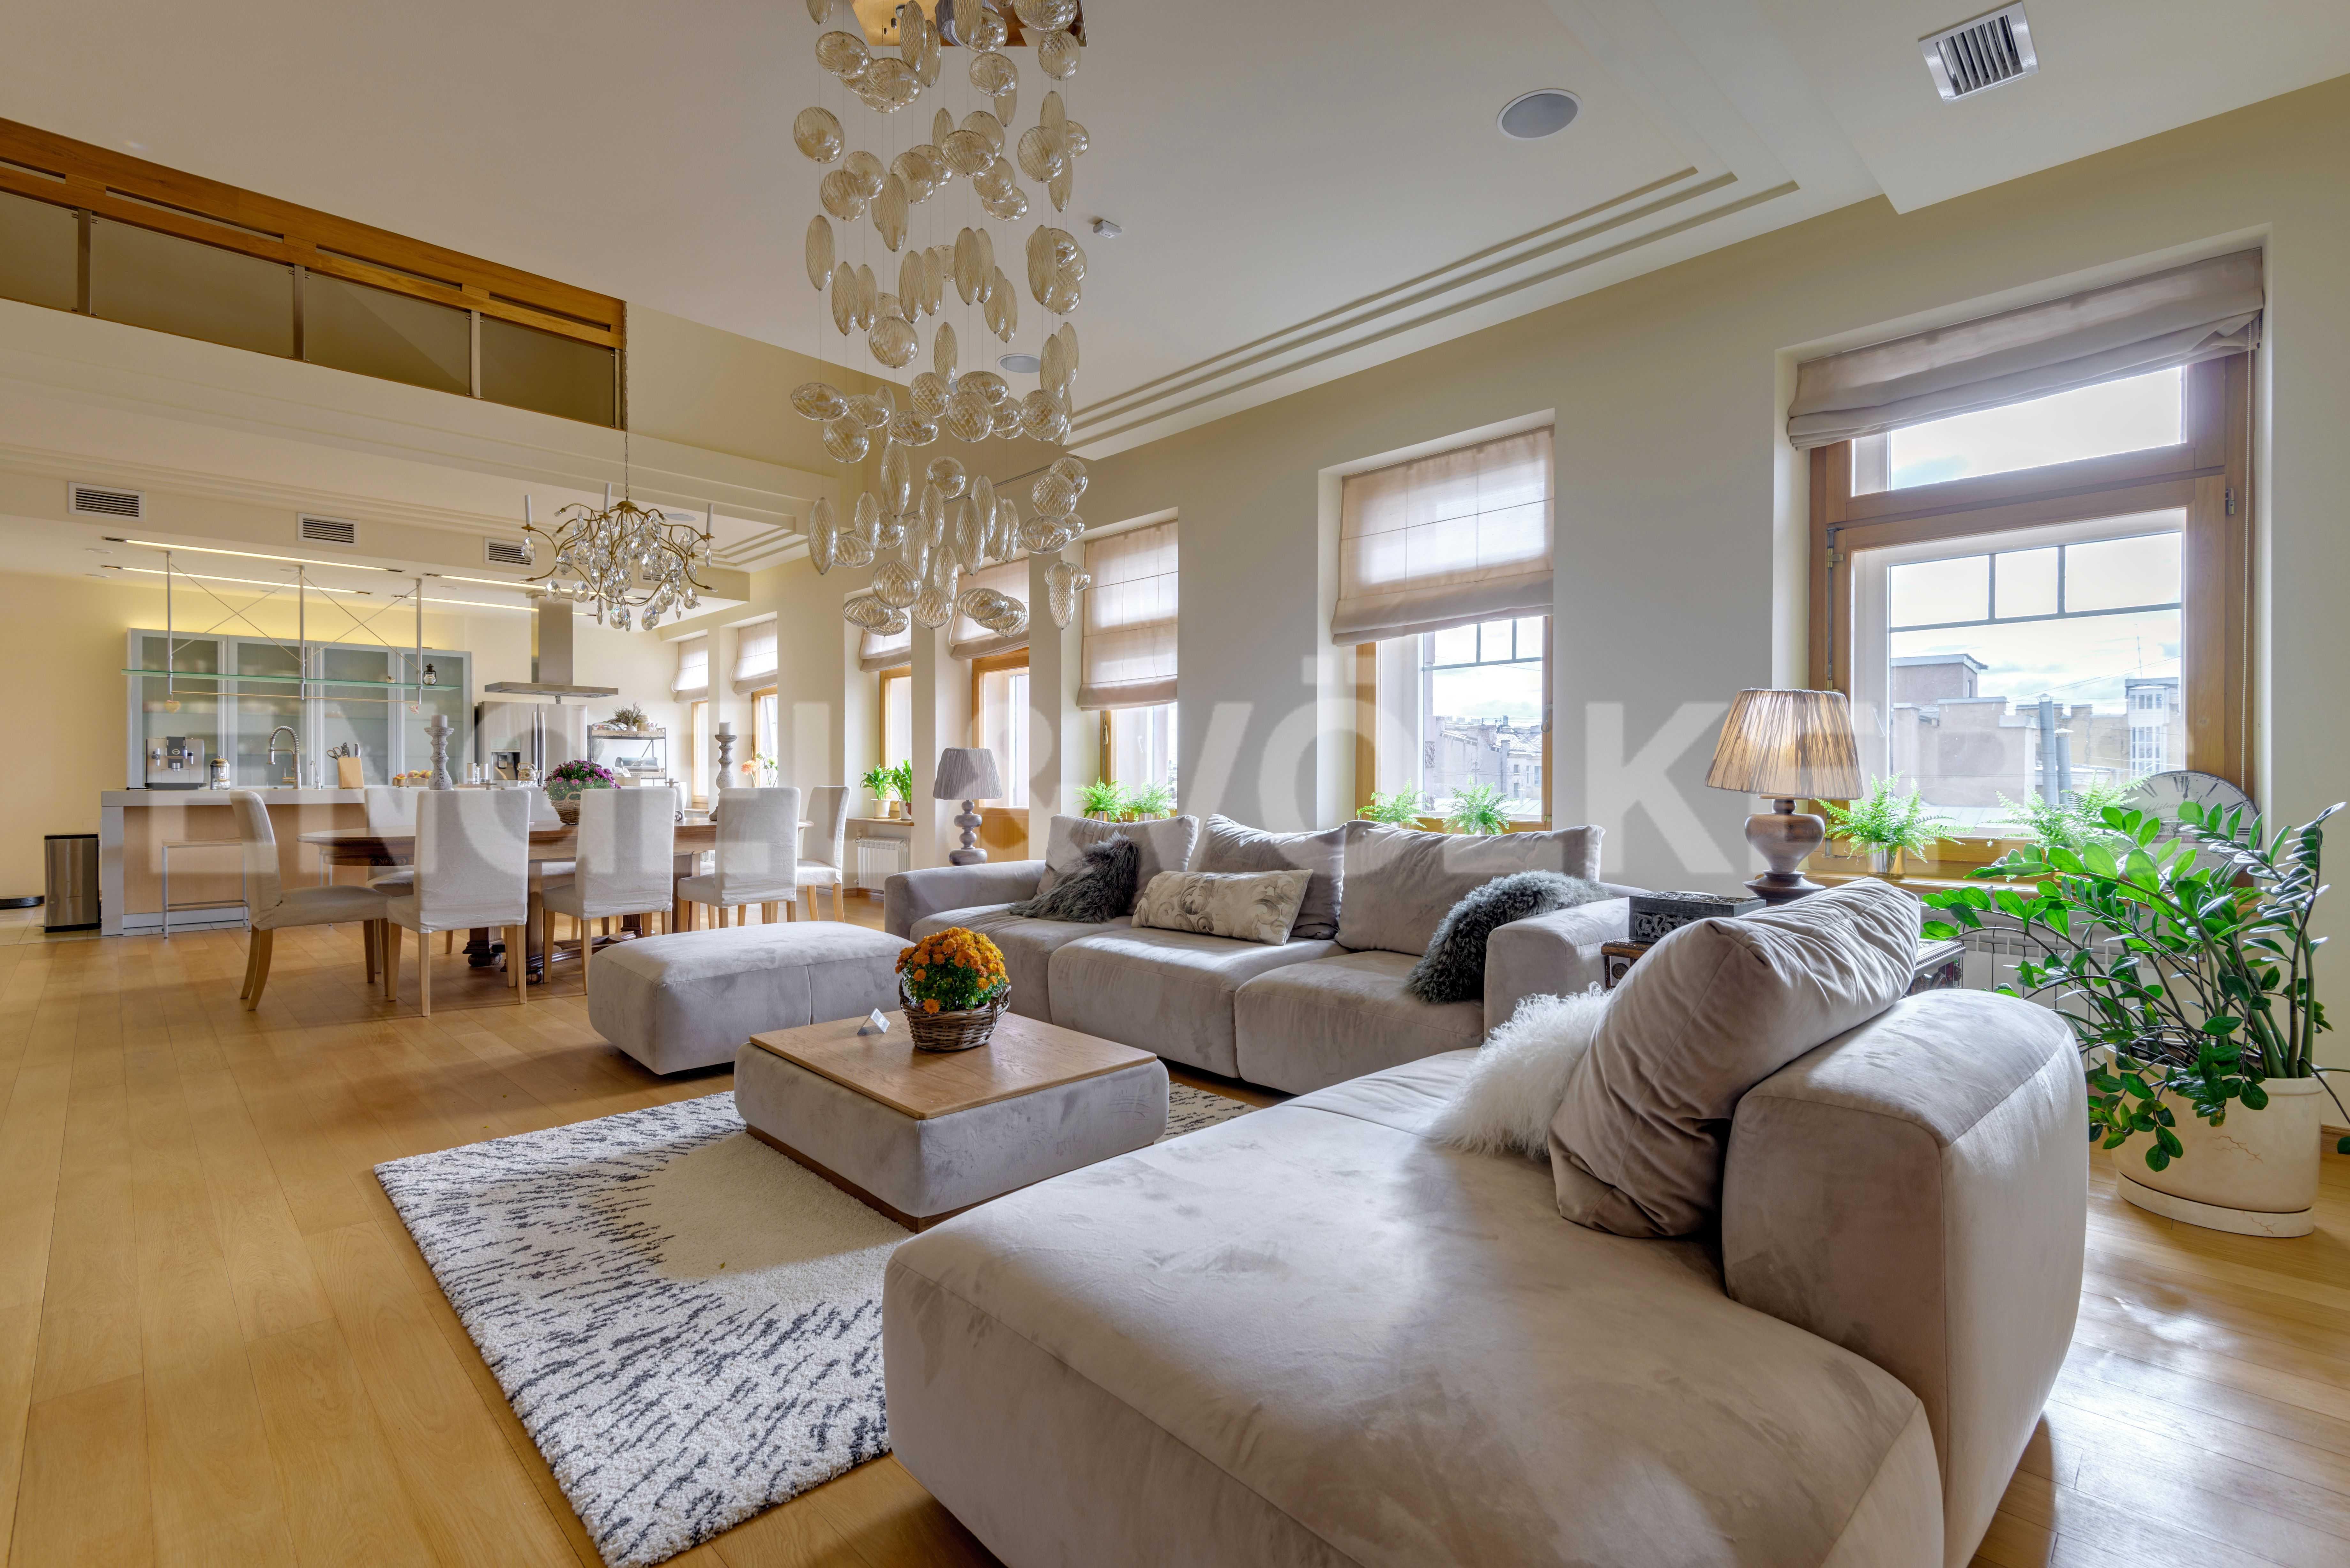 Элитные квартиры в Центральный р-н. Санкт-Петербург, Захарьевская, 16. Гостиный зал